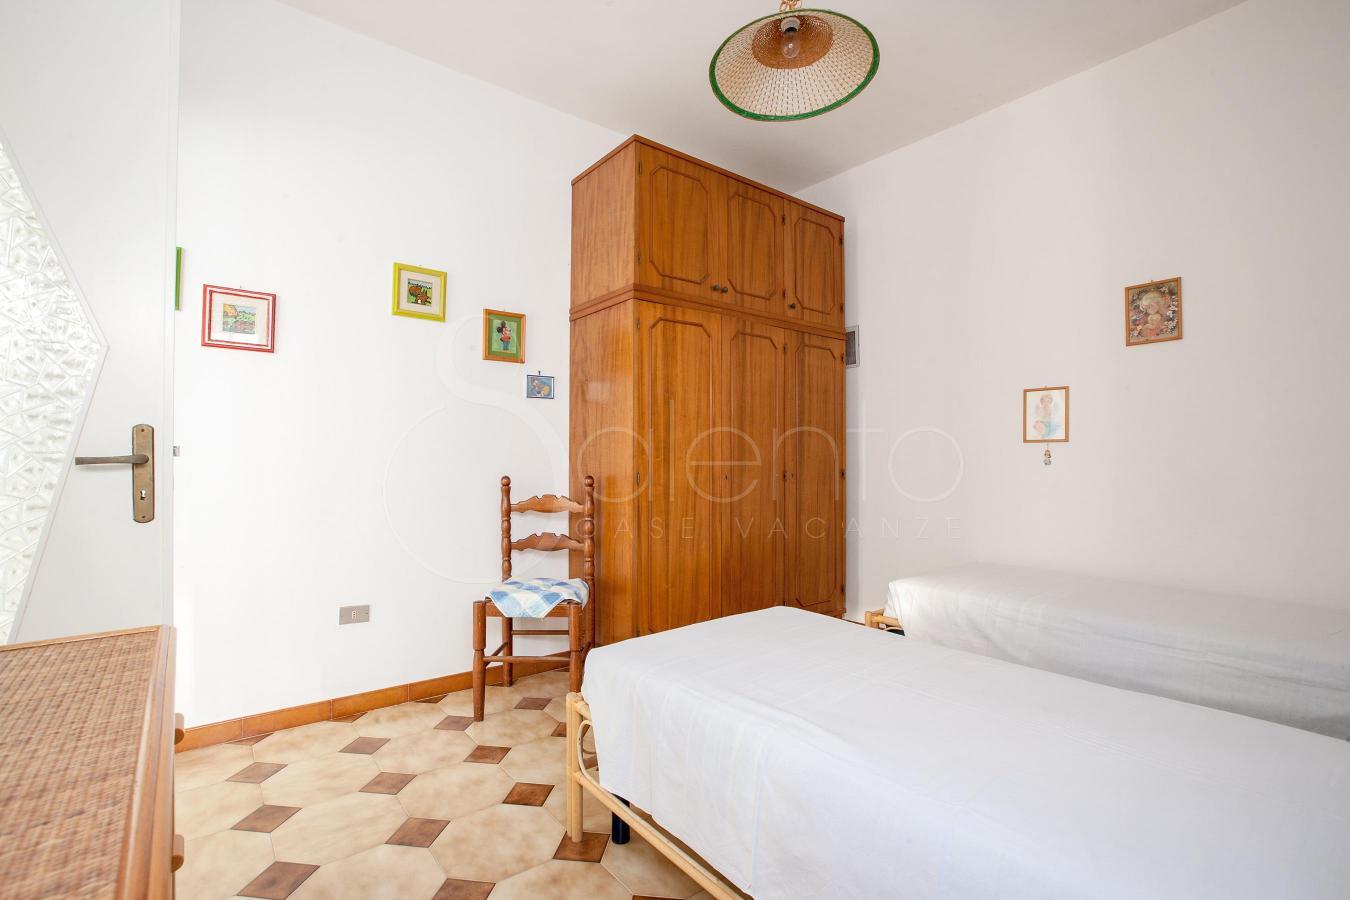 Appartamento a soli 50 metri dal centro di torre san giovanni for Piani di casa torre allerta